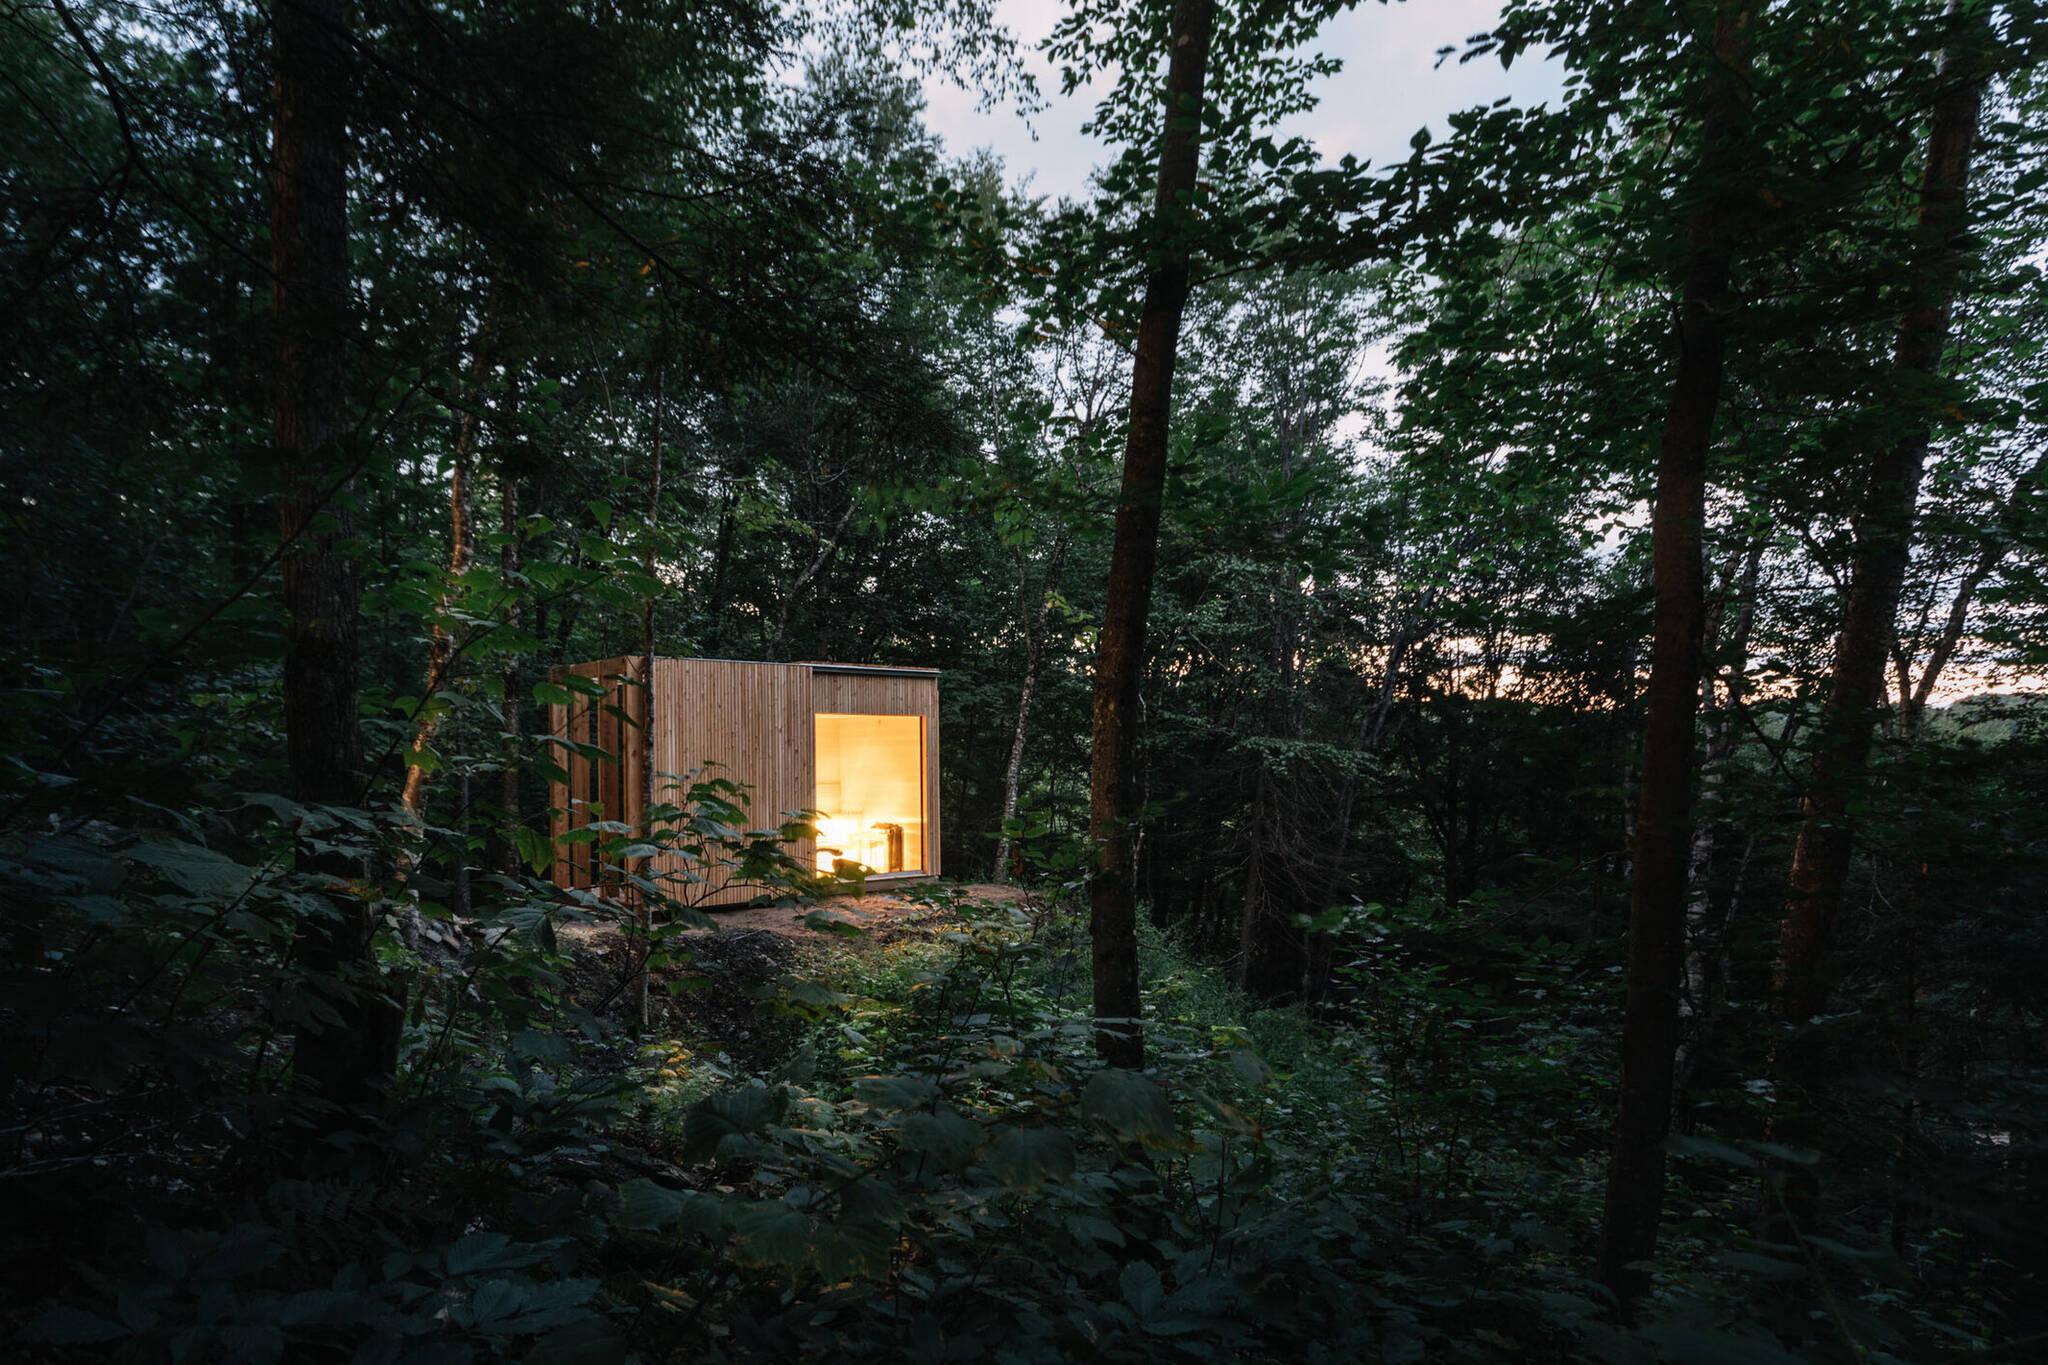 hinterhouse